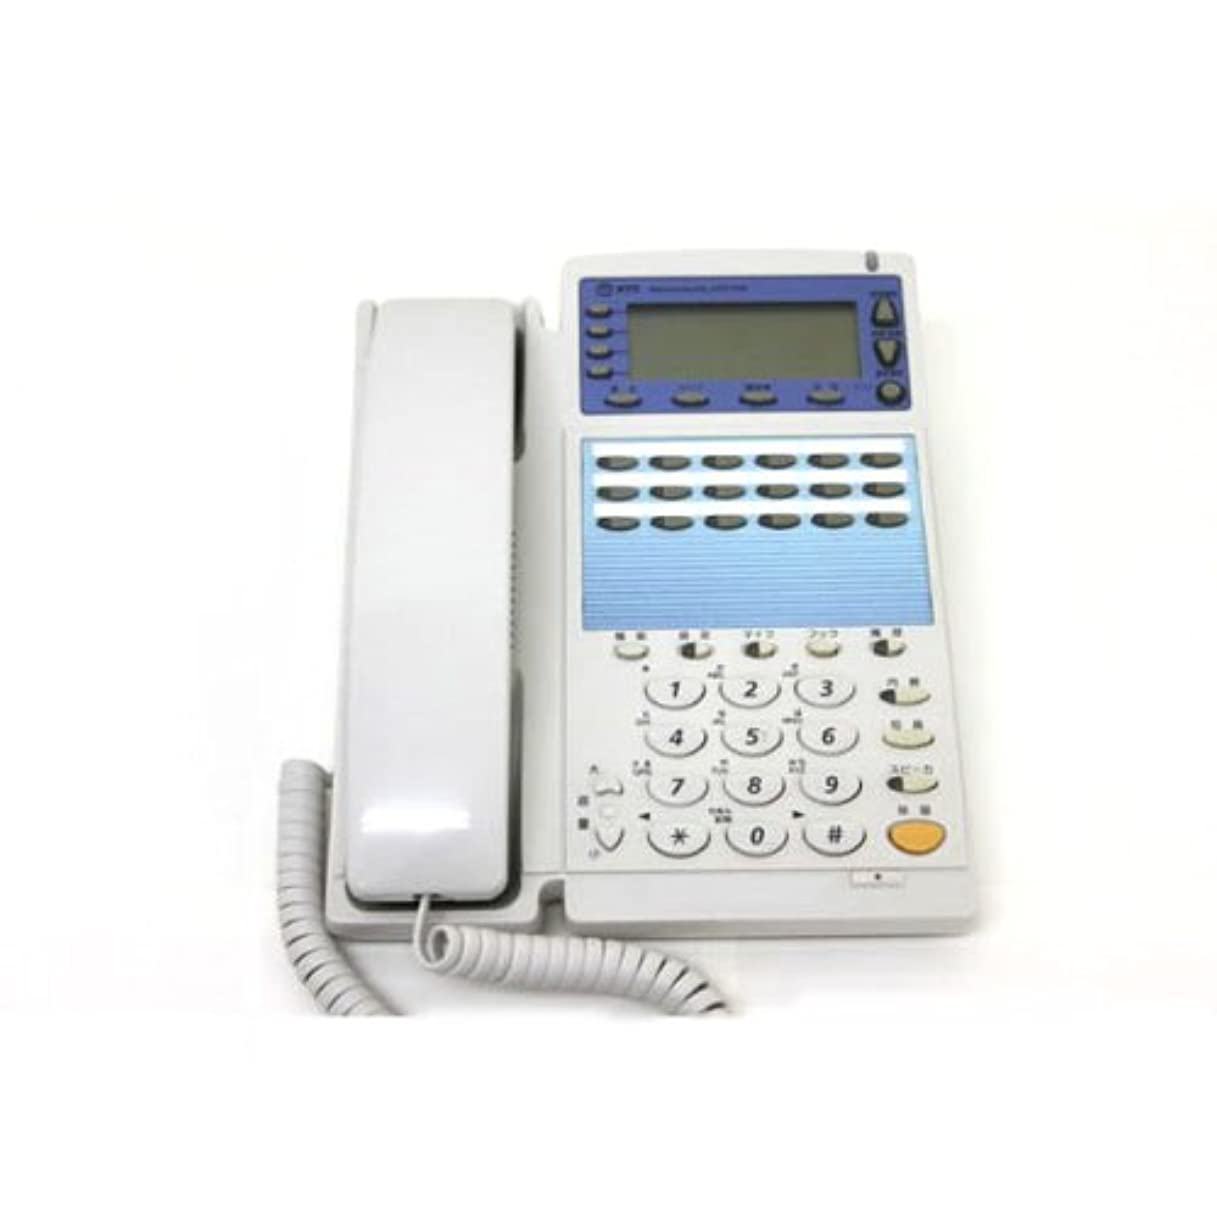 見物人感じ競争NTTビジネスホン GX-18キー標準スター電話機 白